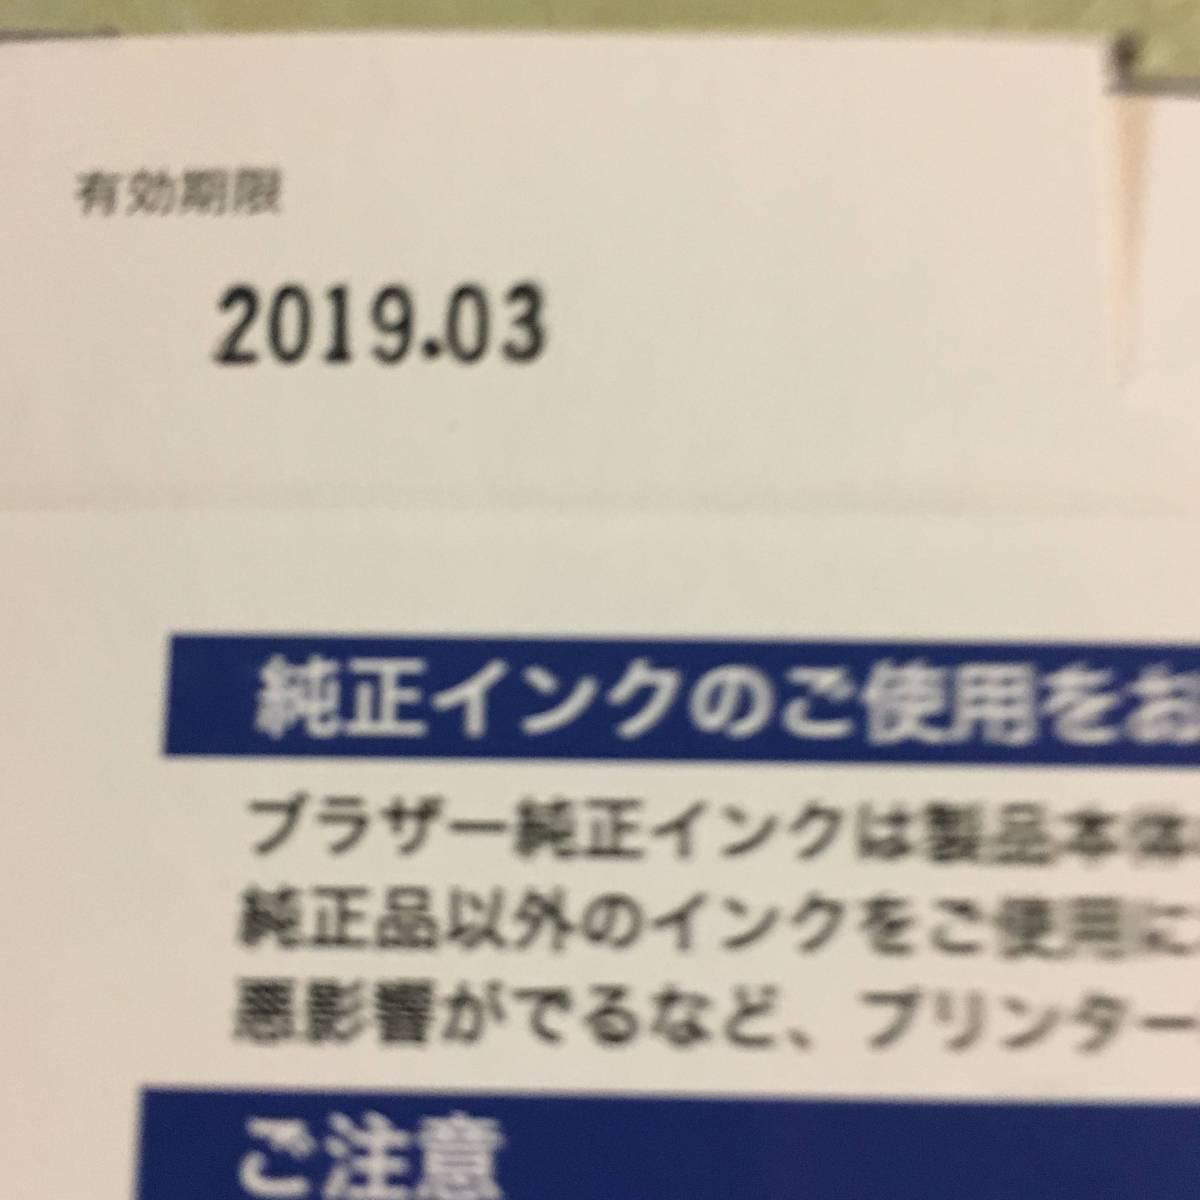 【即決】期限2019.03迄 新品ブラザー純正★LC12-4PK★インクカートリッジ4色セット_画像2